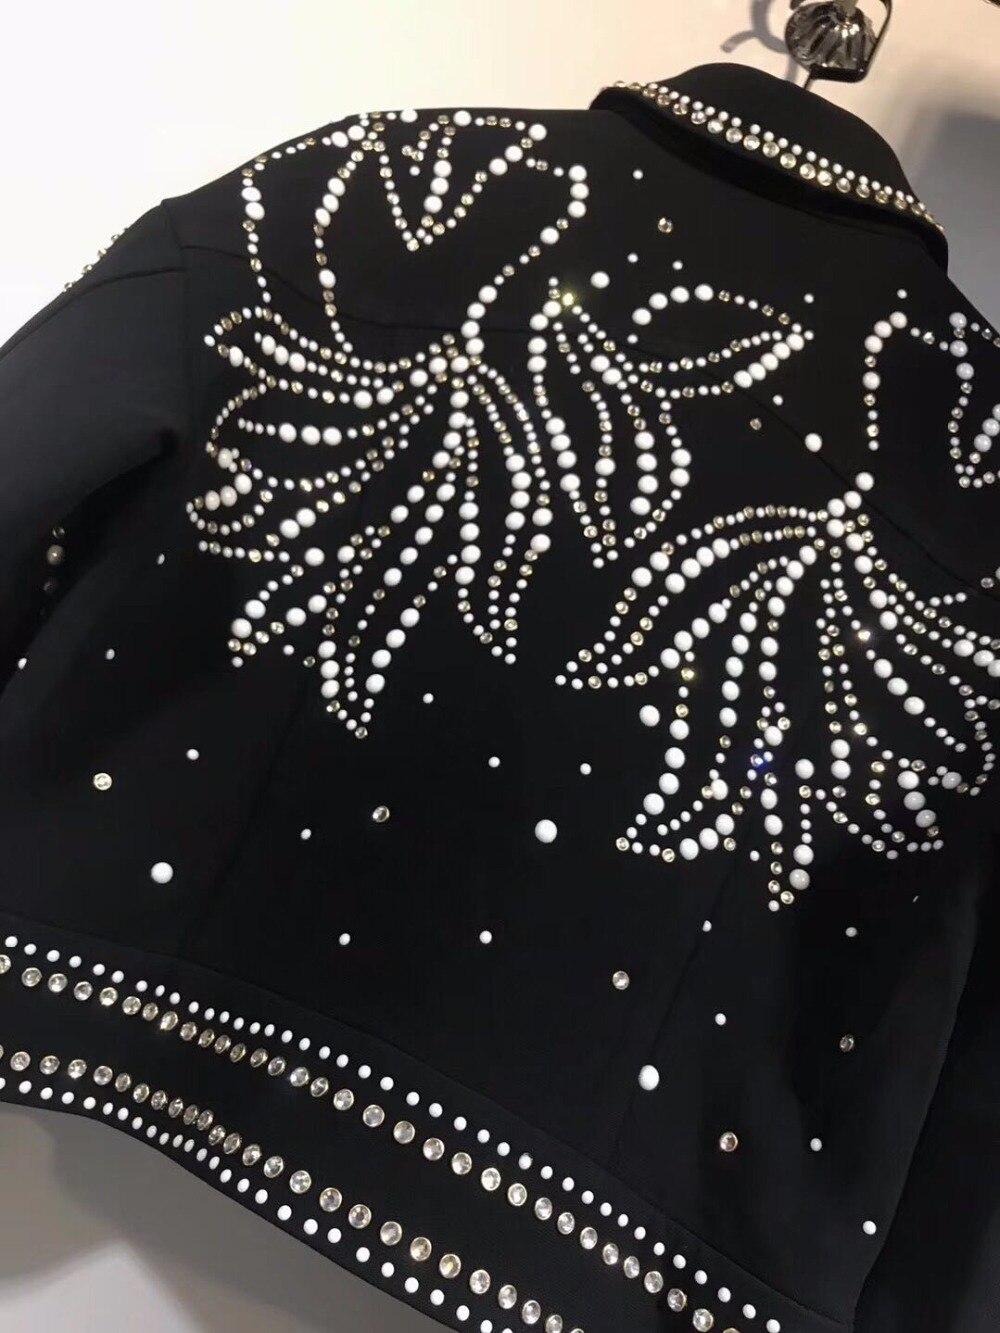 Européenne Et Marques Conception Piste 2018 Meilleur Noël Ordre Style Femmes Designer Vestes Vêtements Wrd10189 De Manteaux q4vzIF1w